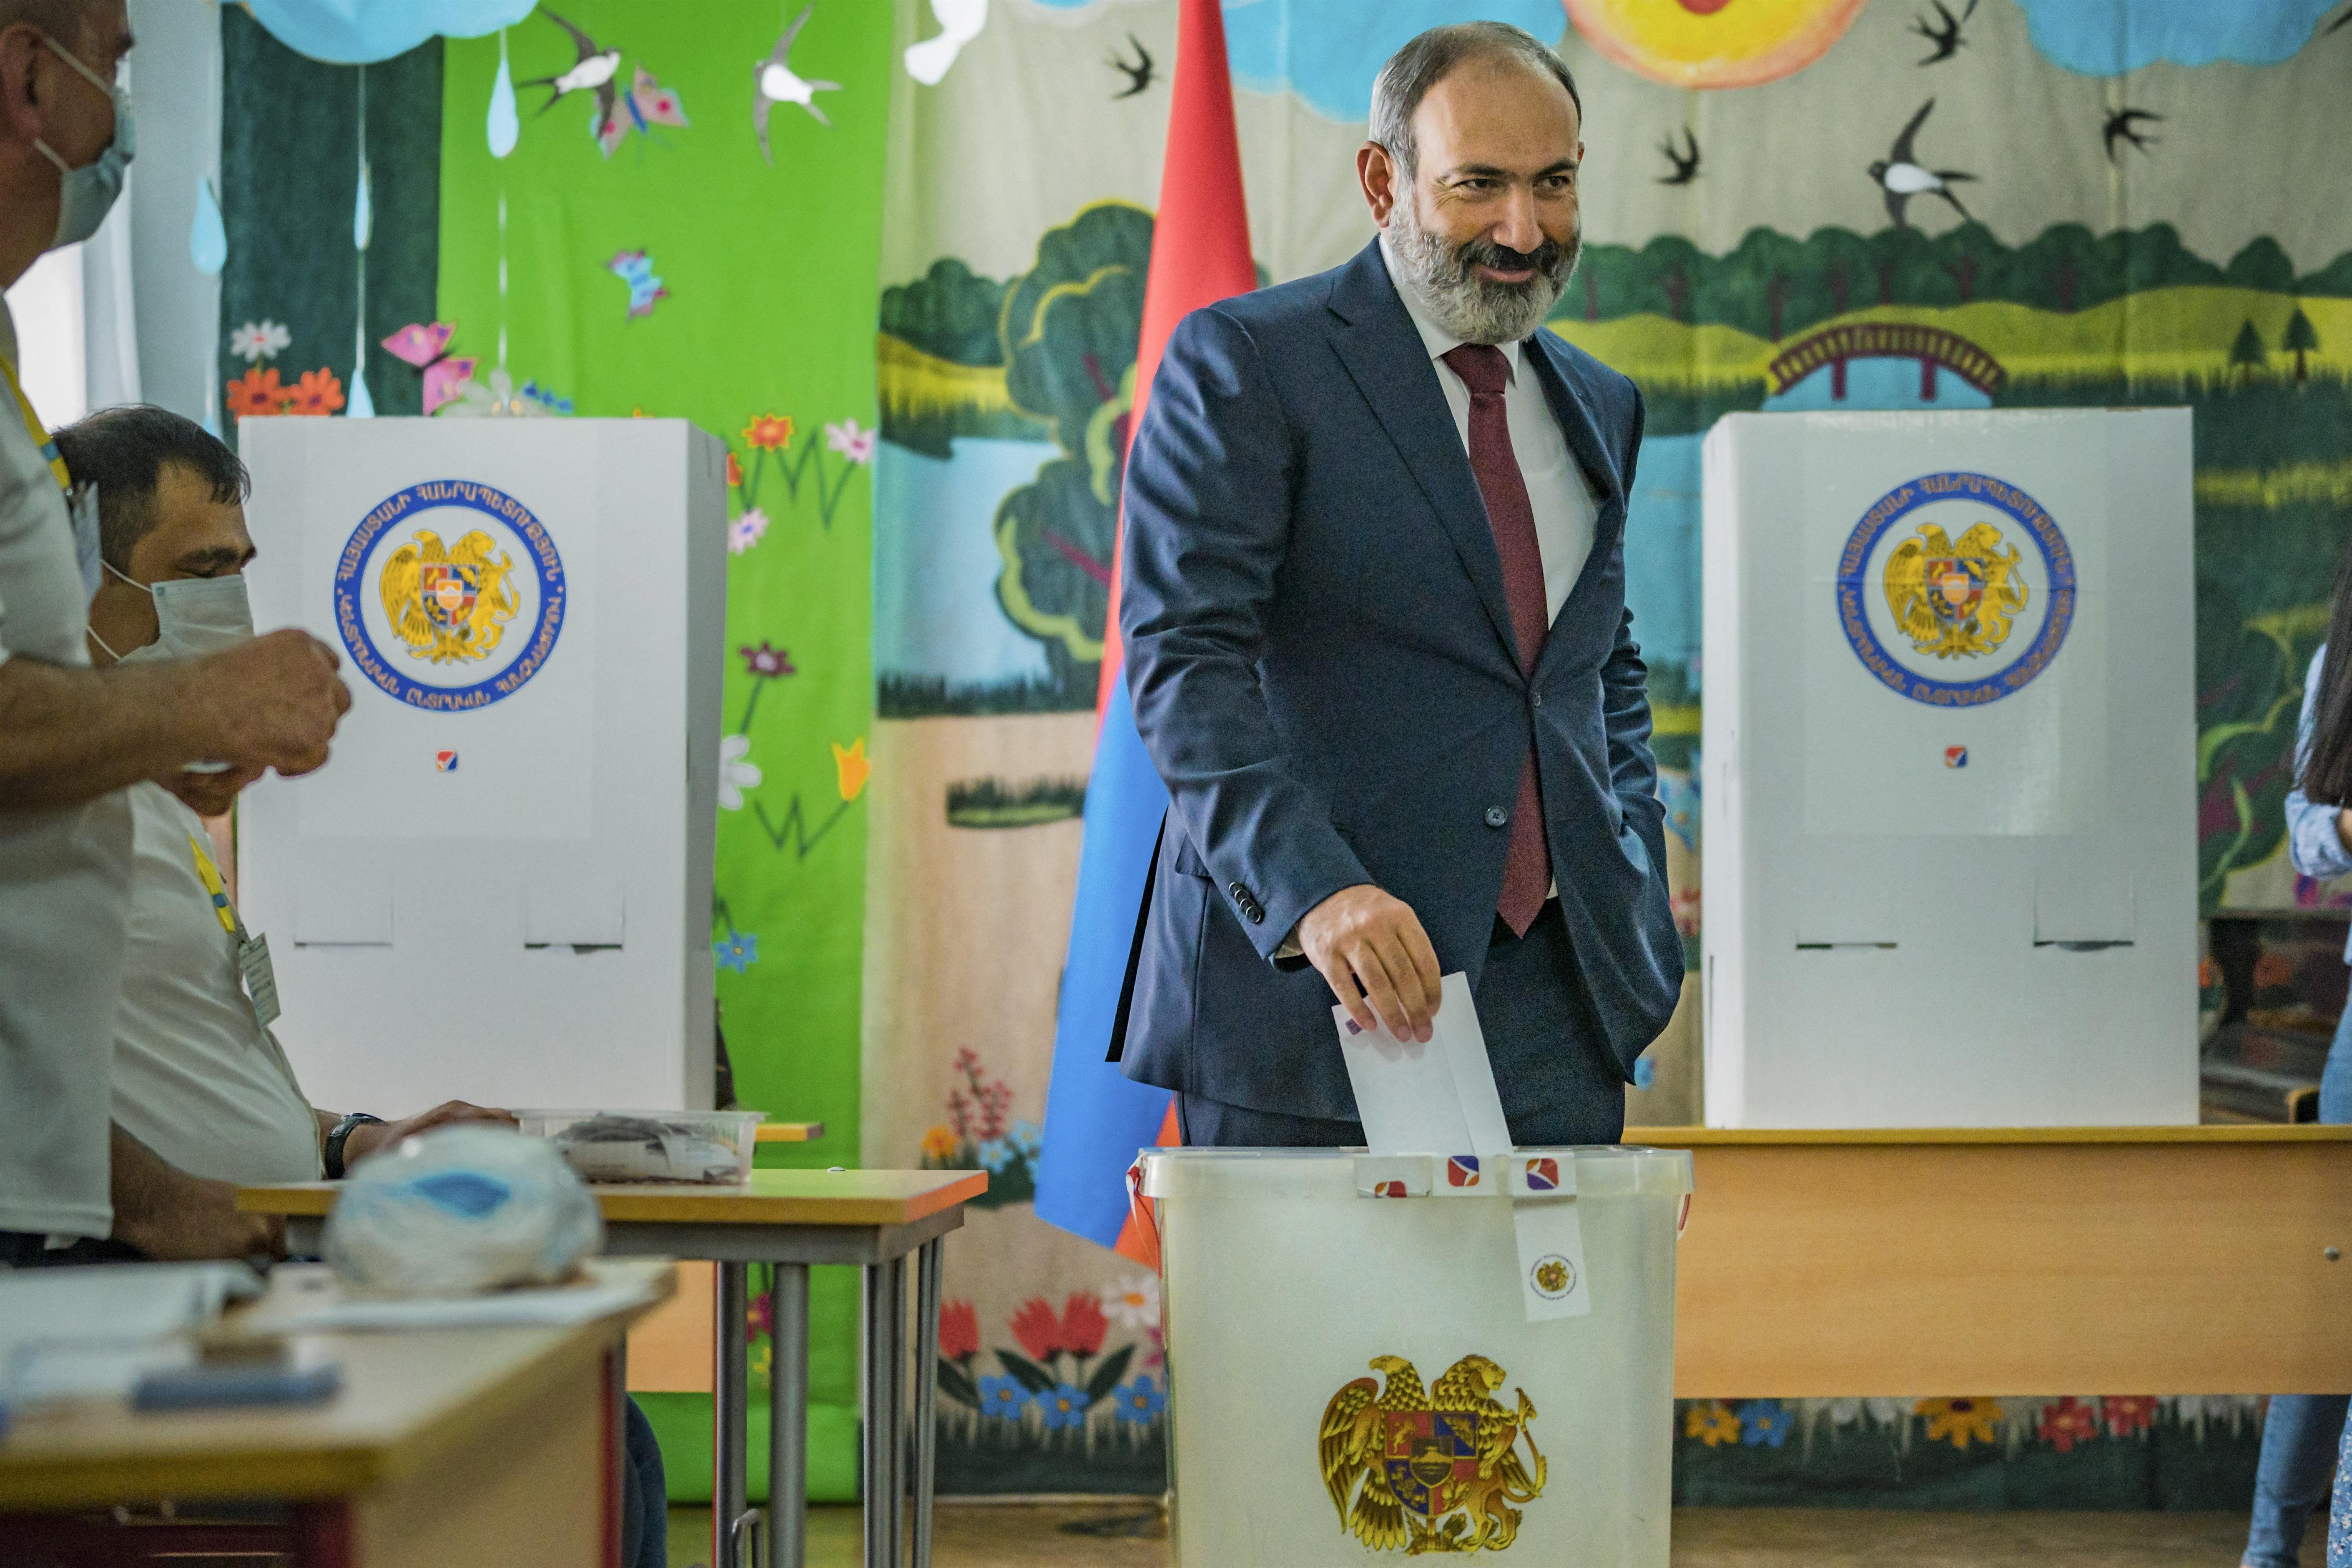 Örményországi választás: Pasinján győzelmet hirdetett, Kocsarján nem ismerte el az eredményt